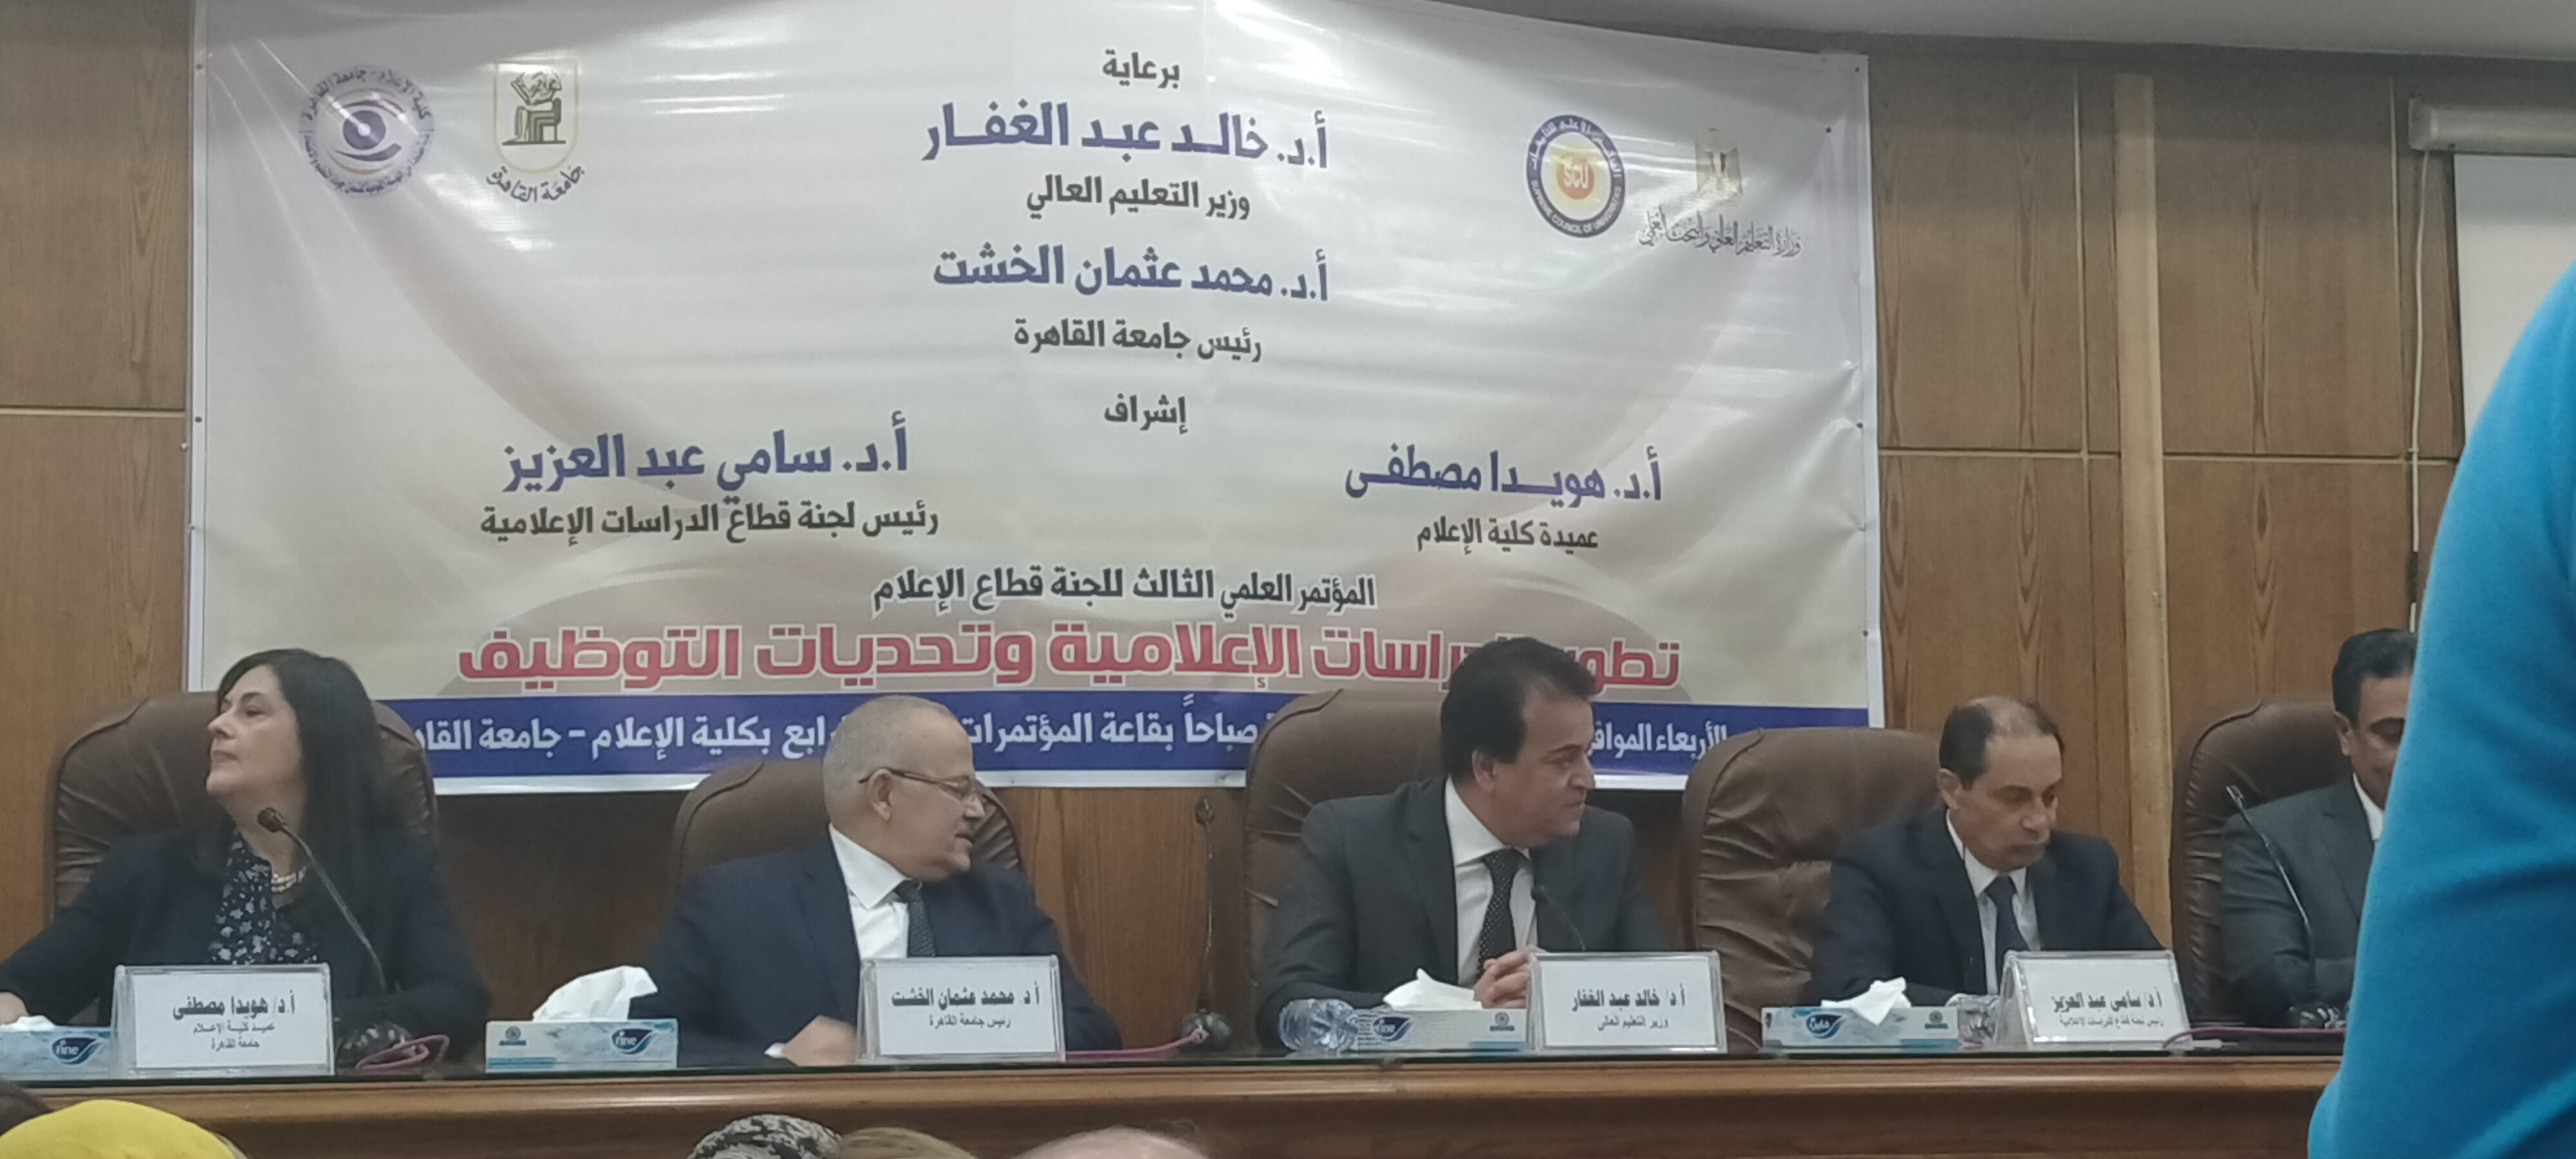 مؤتمر تطوير الدراسات الإعلامية وتحديات التوظيف   (1)